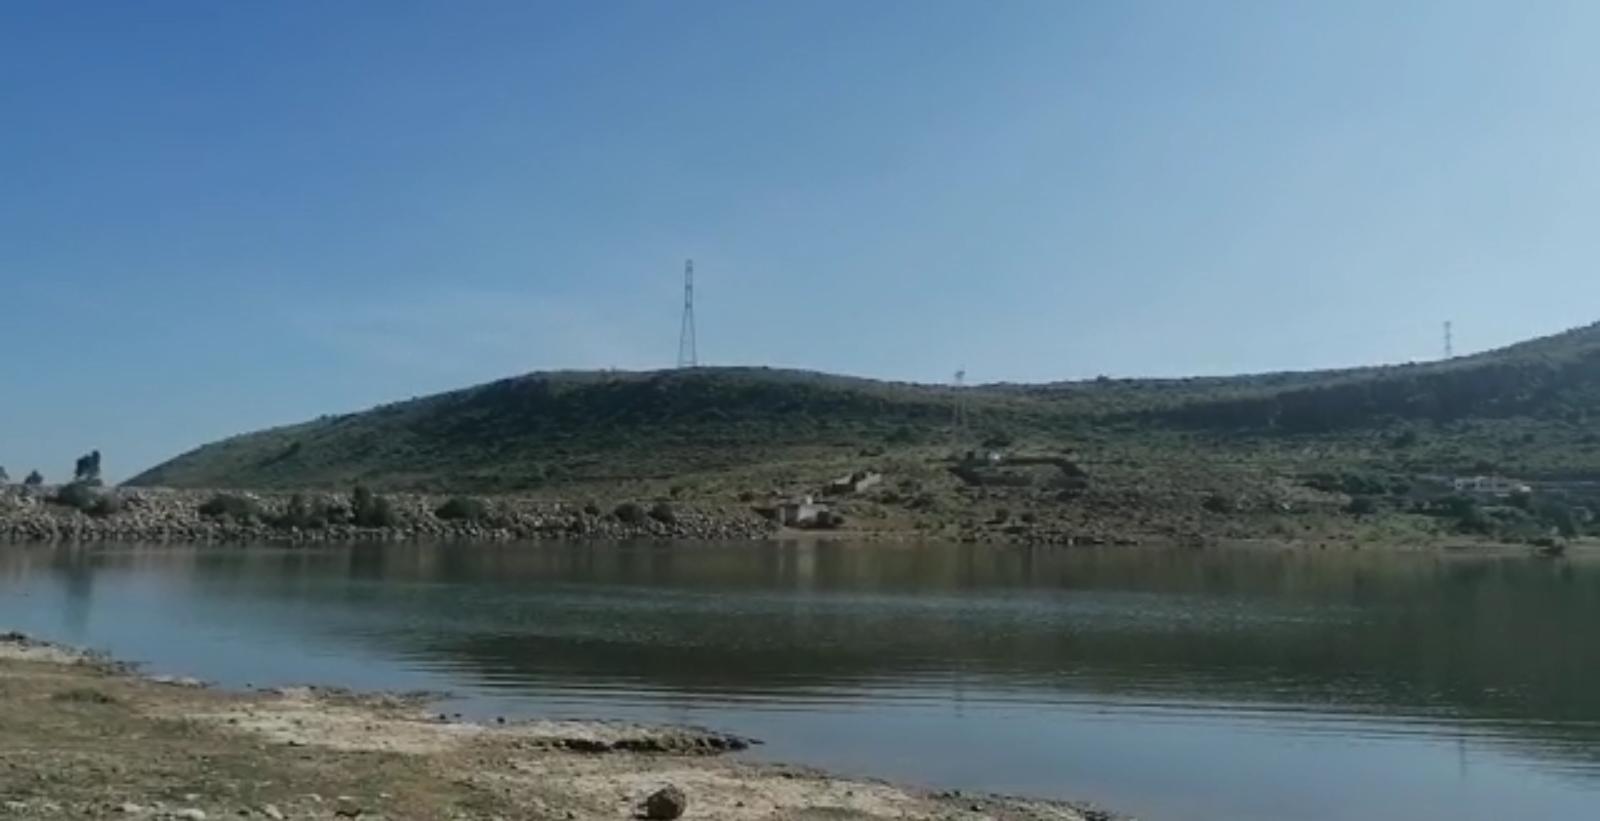 Anulan áreas de protección en Sierra de San Miguelito, declara IMPLAN a Juzgado Federal